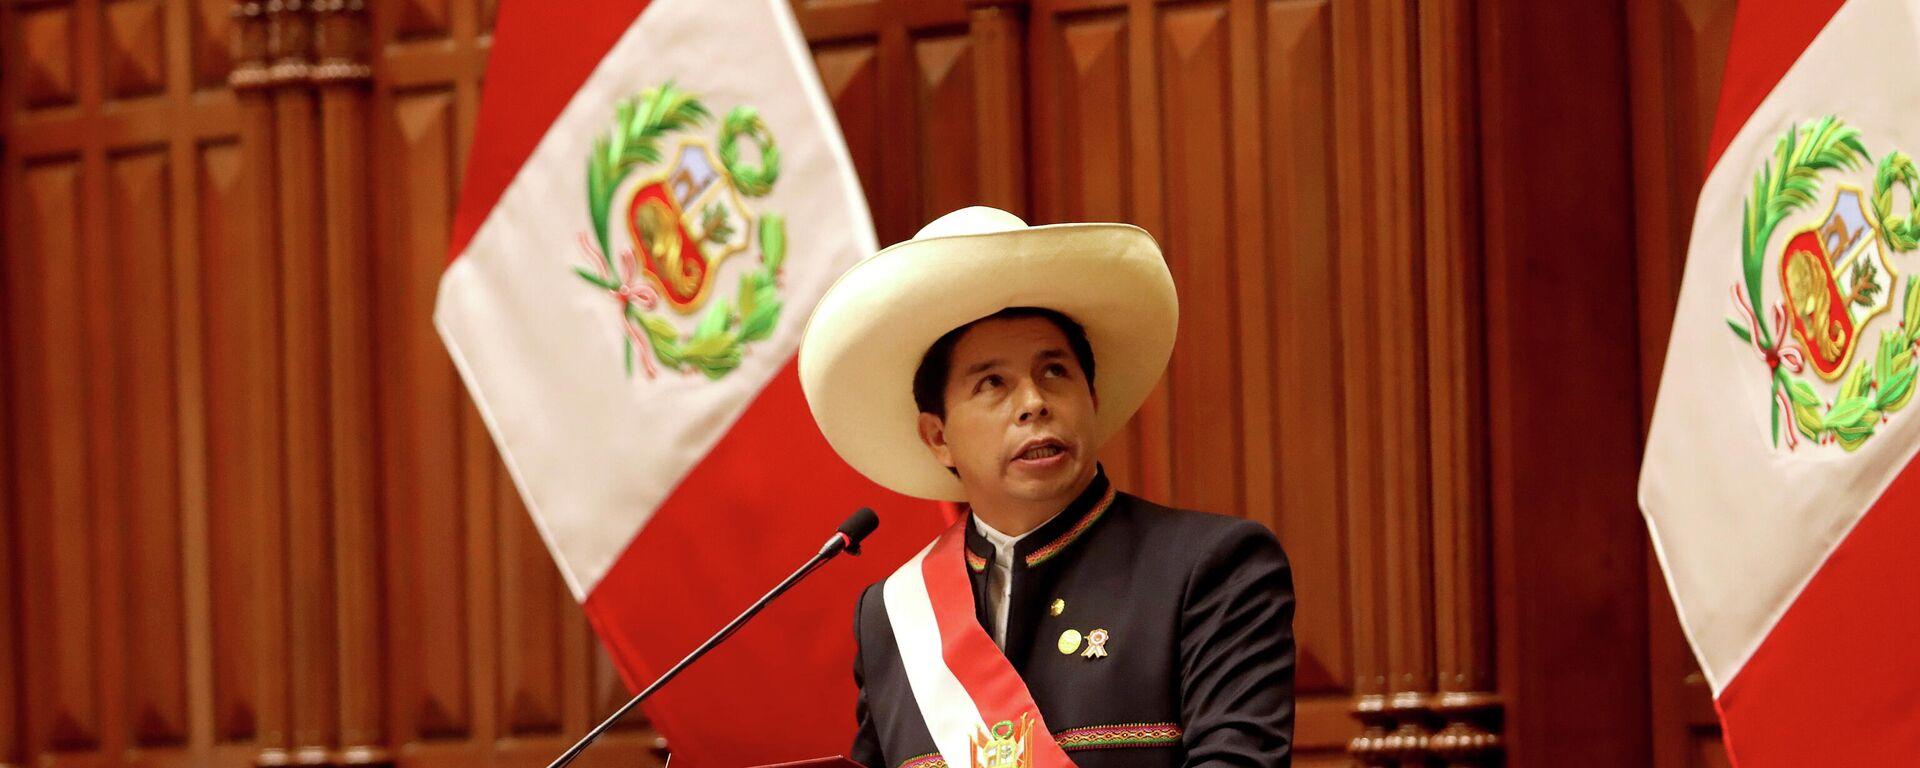 Pedro Castillo, presidente de Perú - Sputnik Mundo, 1920, 30.07.2021